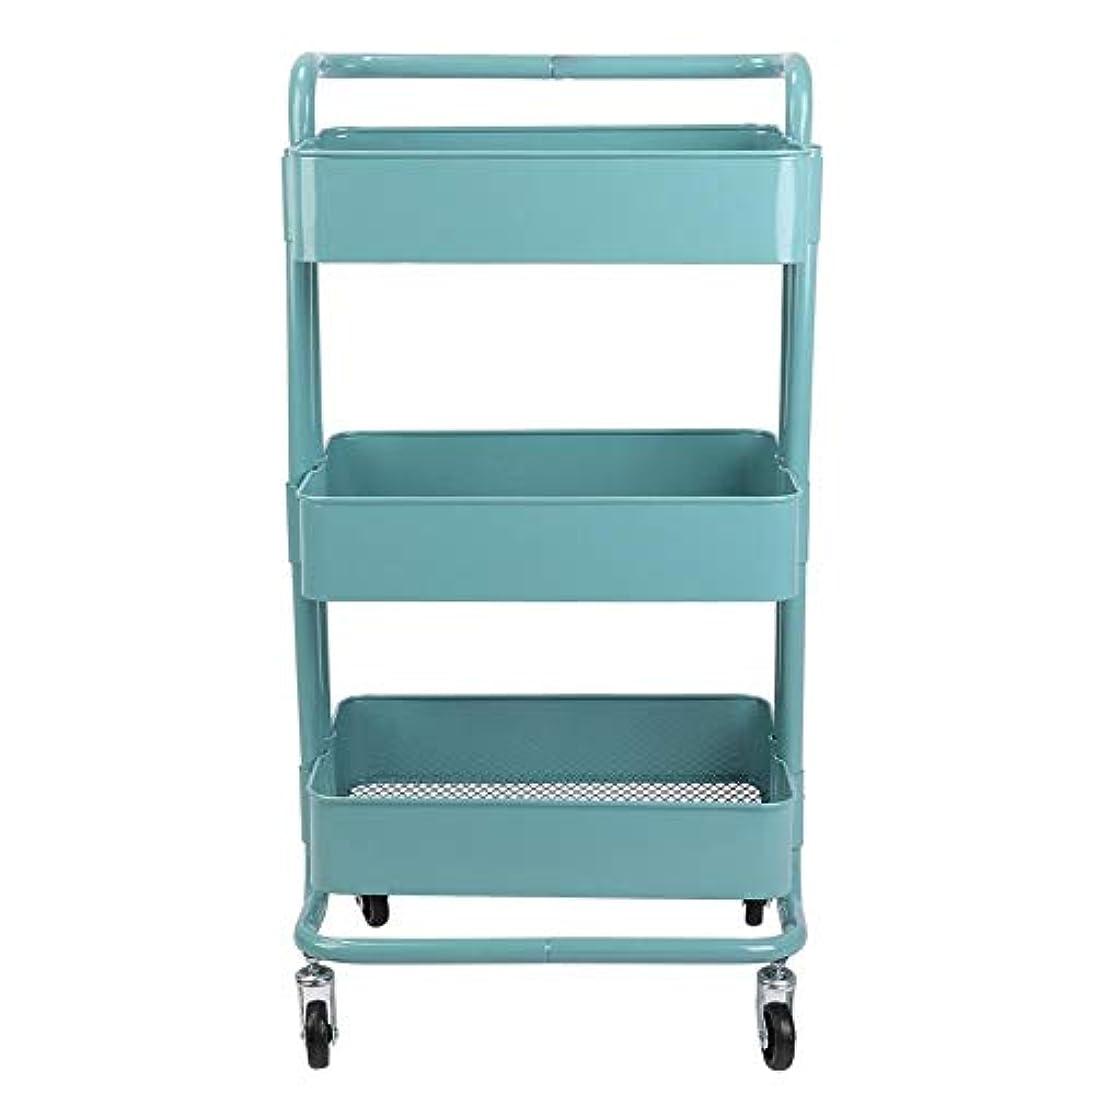 毎年徴収第二にトロリーカート、3つの層の金属の車輪の貯蔵の棚は美容院のために移動可能です